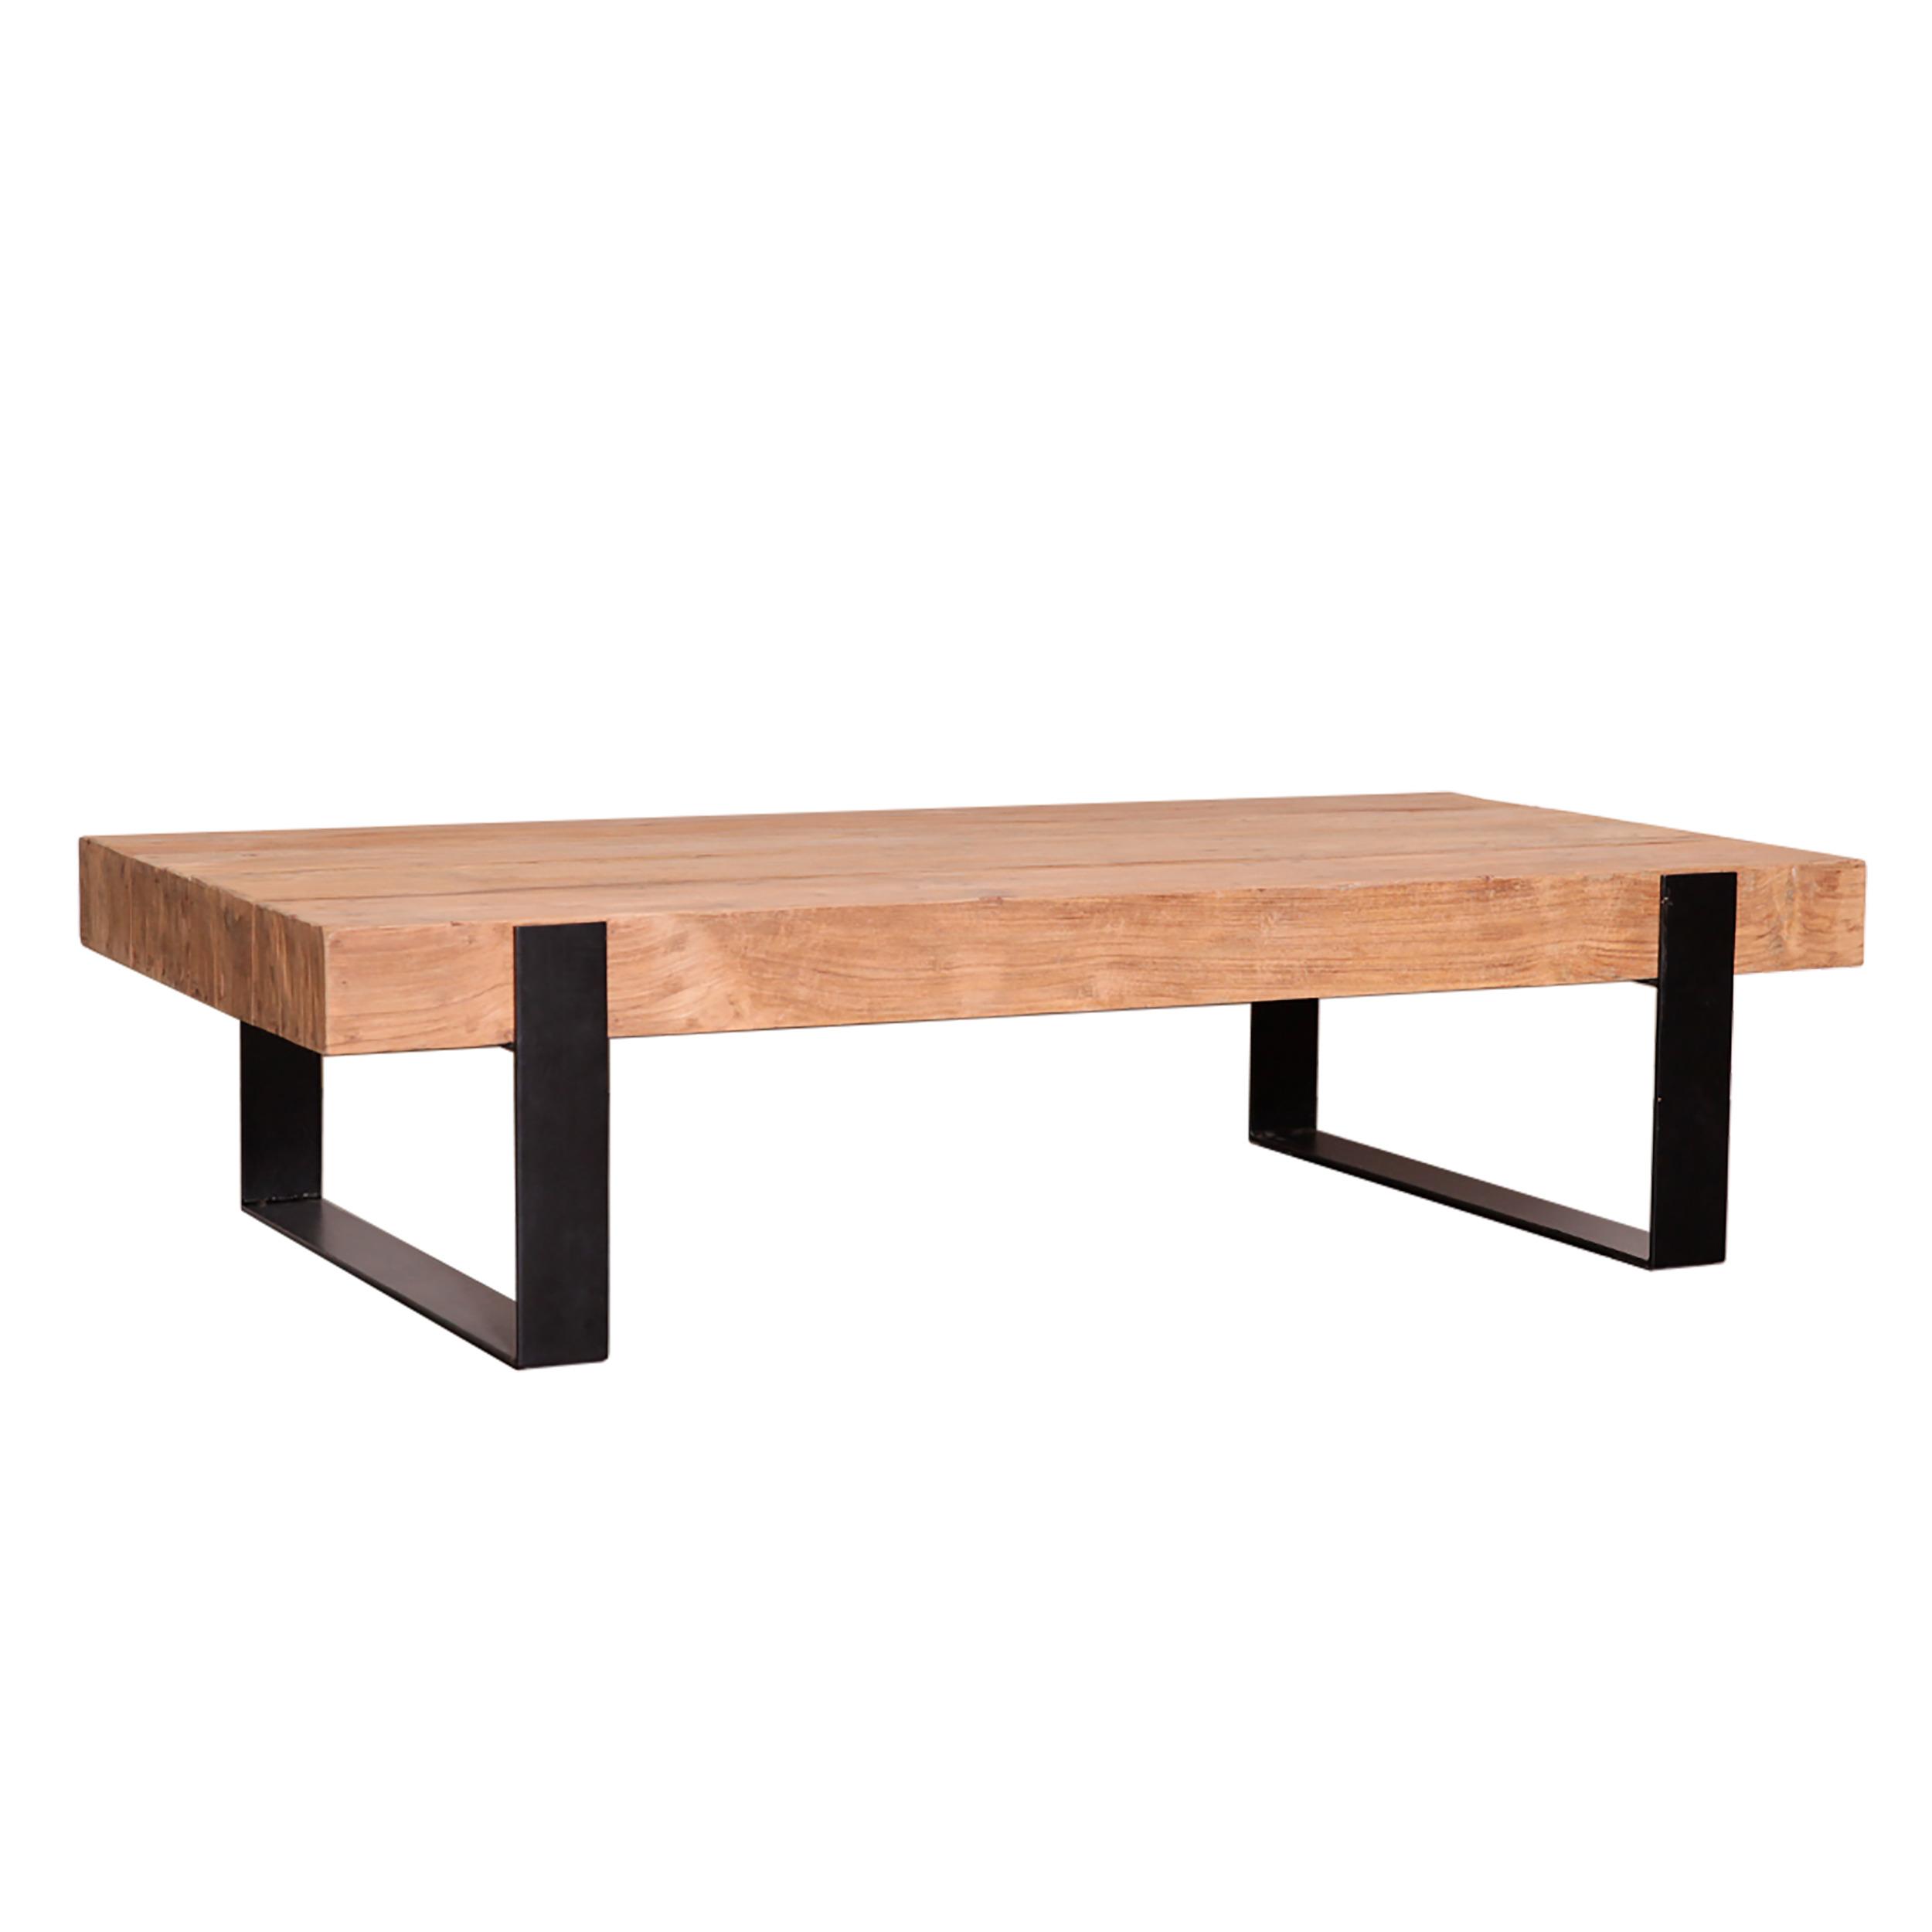 Uw partner in meubels: Eleonora Salontafel 'Toronto' 140 x 70cm Tafels | Salontafels